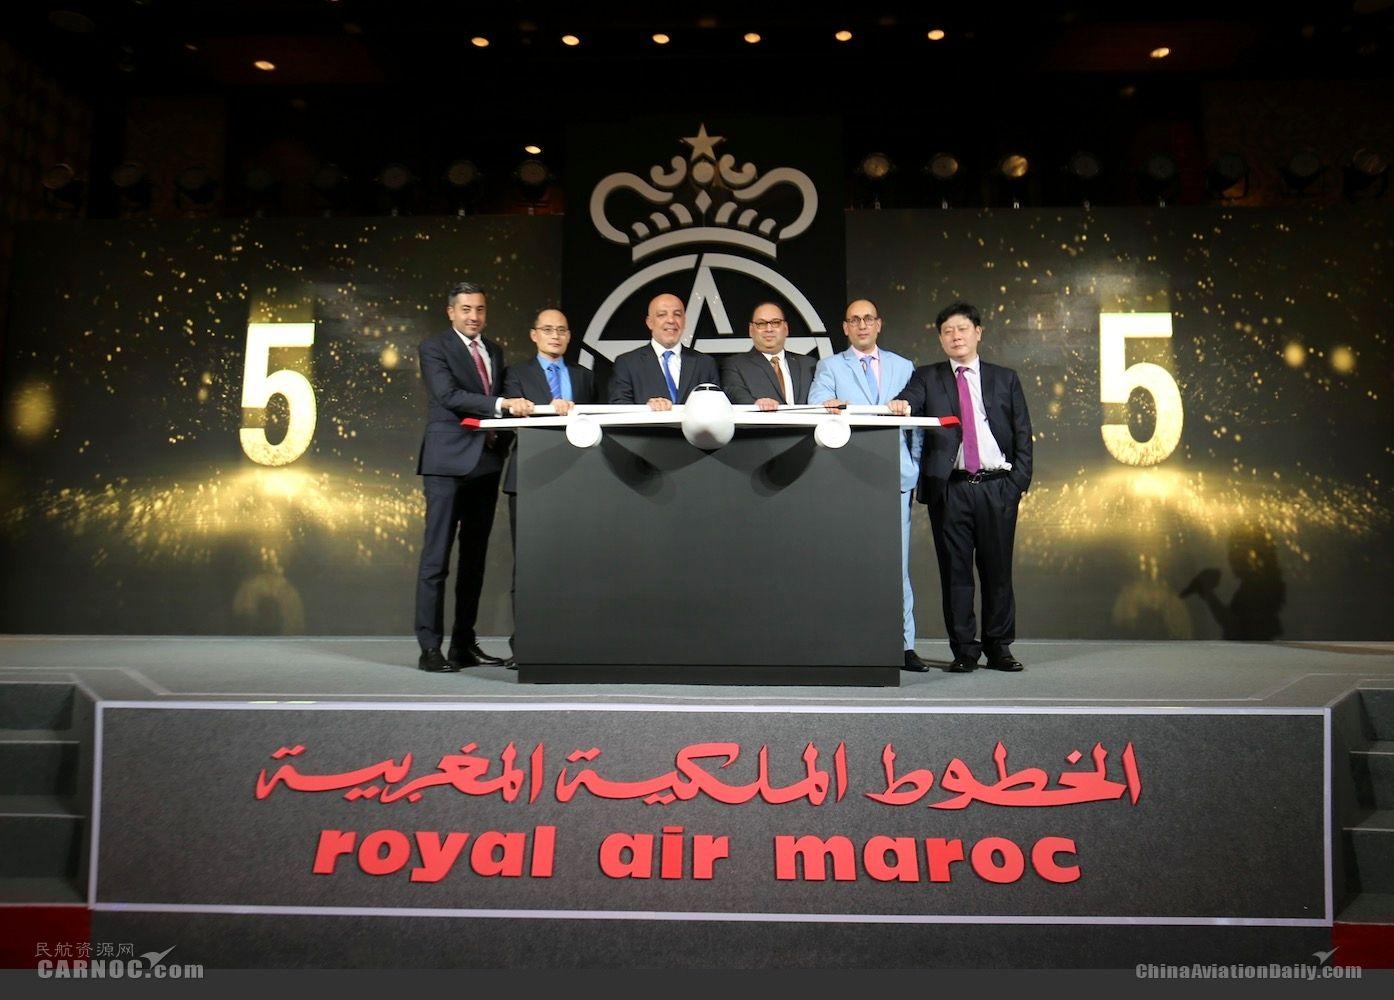 摩洛哥皇家航空2020年1月开通直飞中国航线